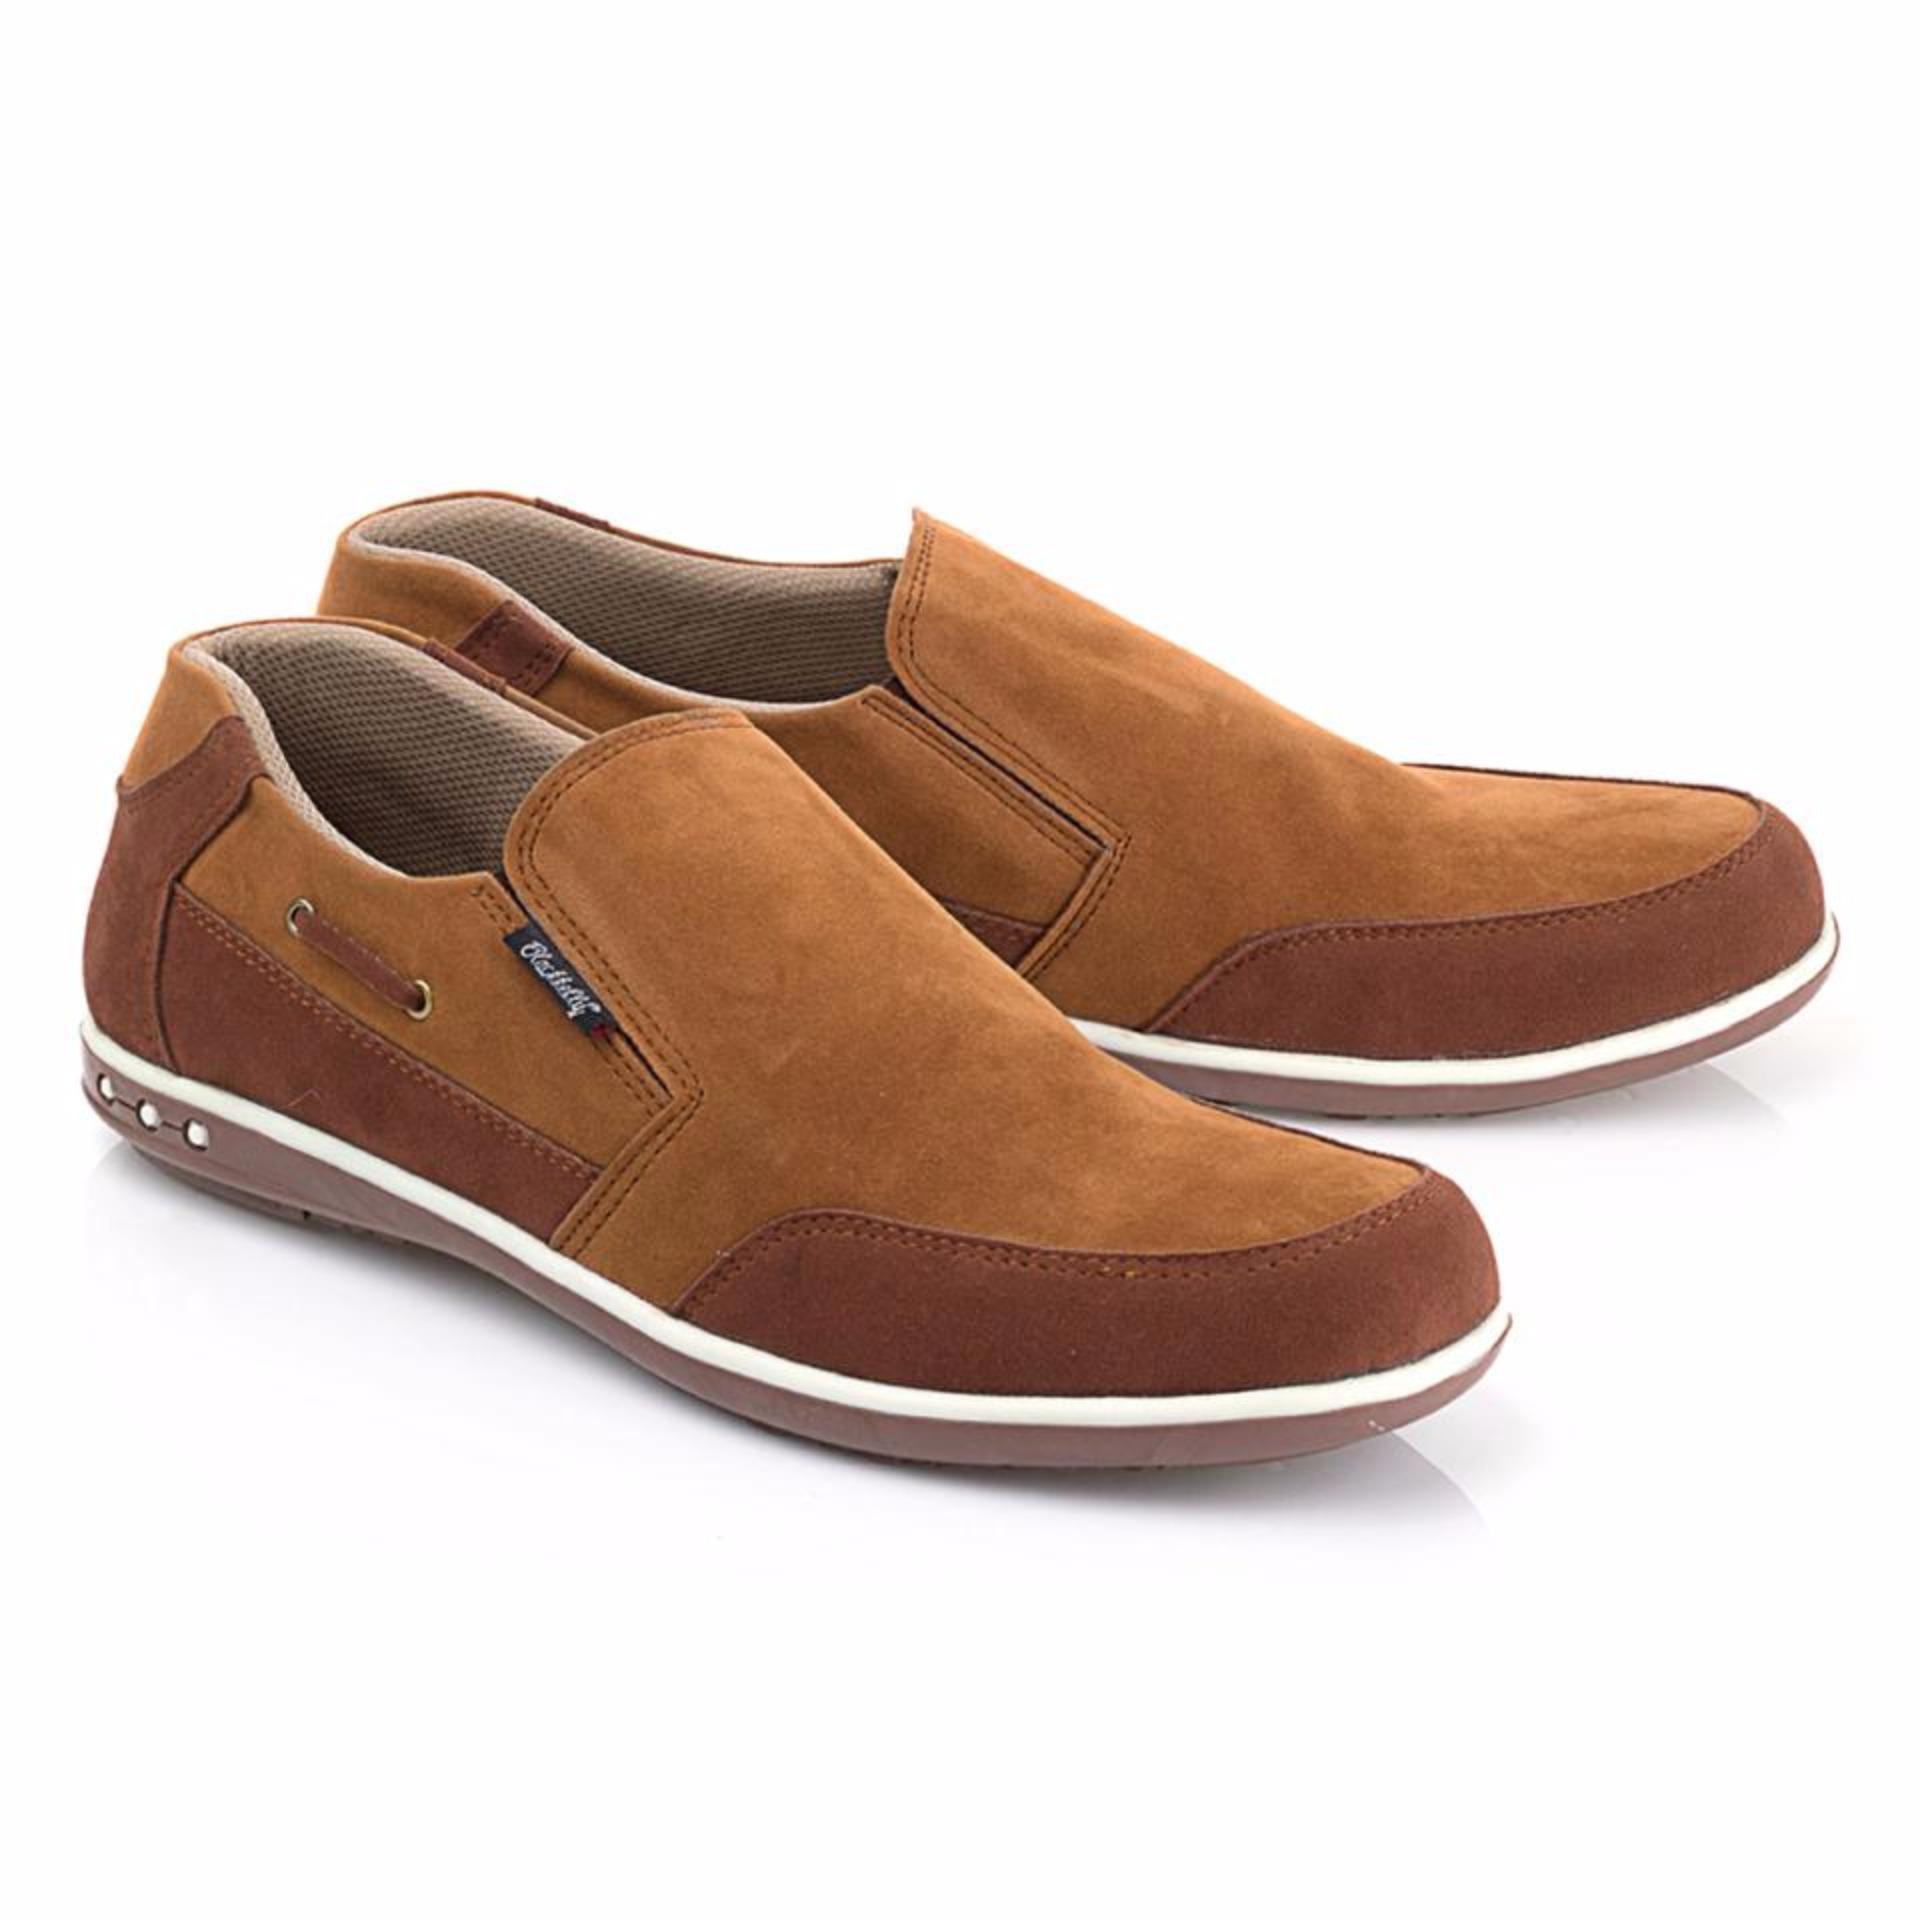 Sepatu Slip-On Kets Sneakers Casual Pria Warna Coklat Blackkely - LFS 668